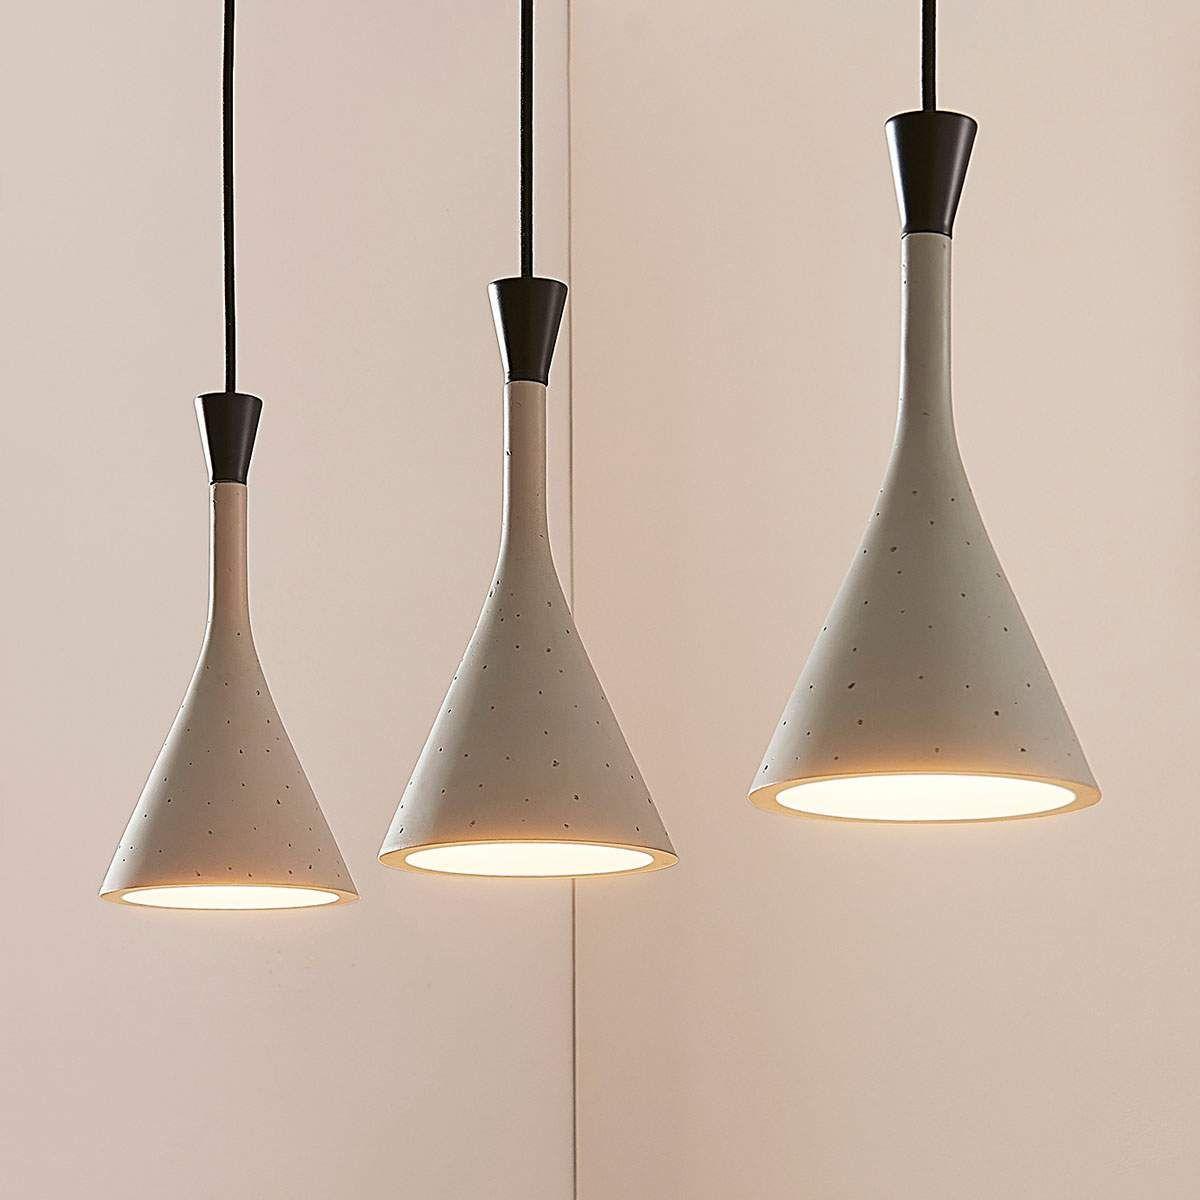 Hangelampe Flynn Furs Esszimmer Grau 3 Flammig Esszimmerlampe Bulb Pendant Light Pendant Light Pendant Lamp